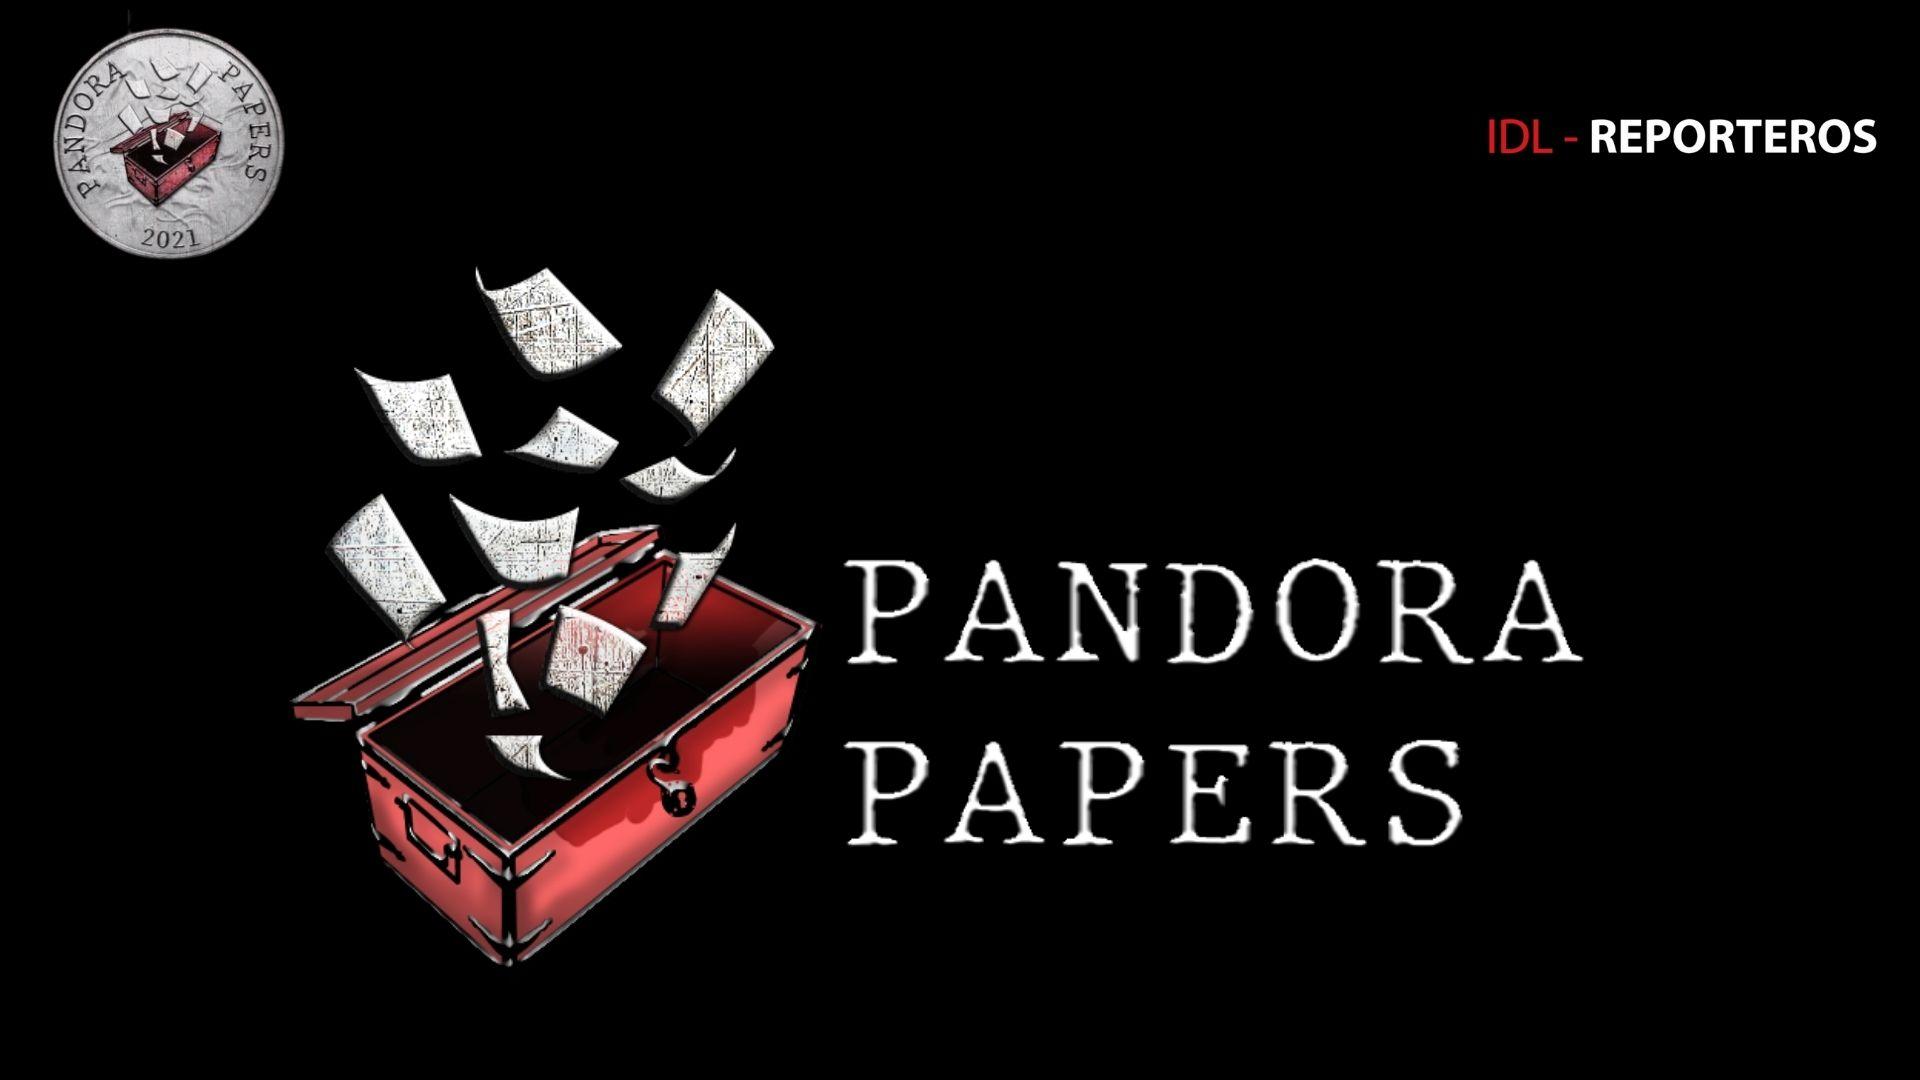 ¿Qué son los 'Pandora Papers'?